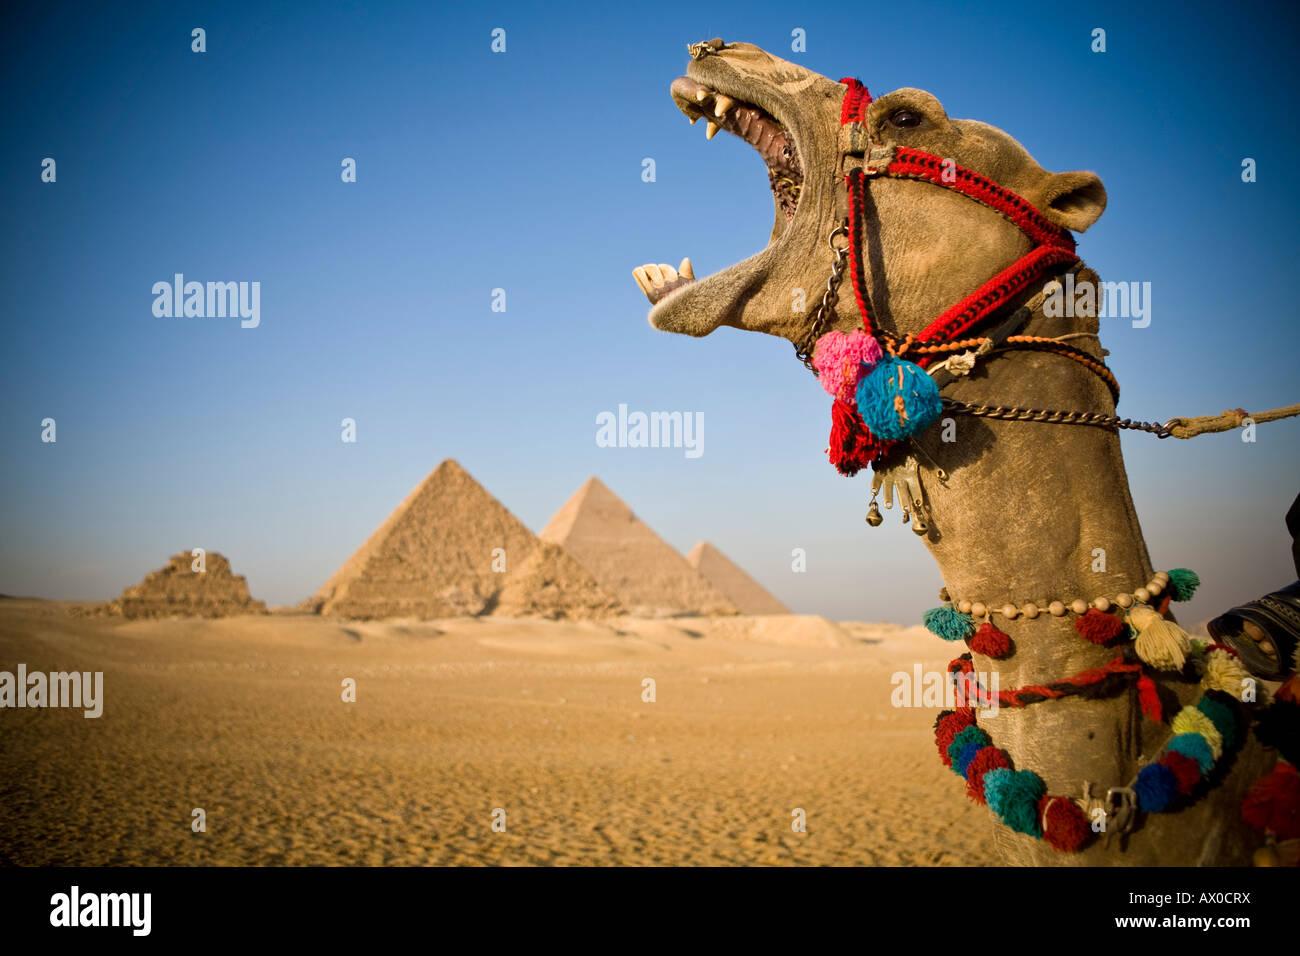 Camello en las Pirámides de Giza, en El Cairo, Egipto Imagen De Stock